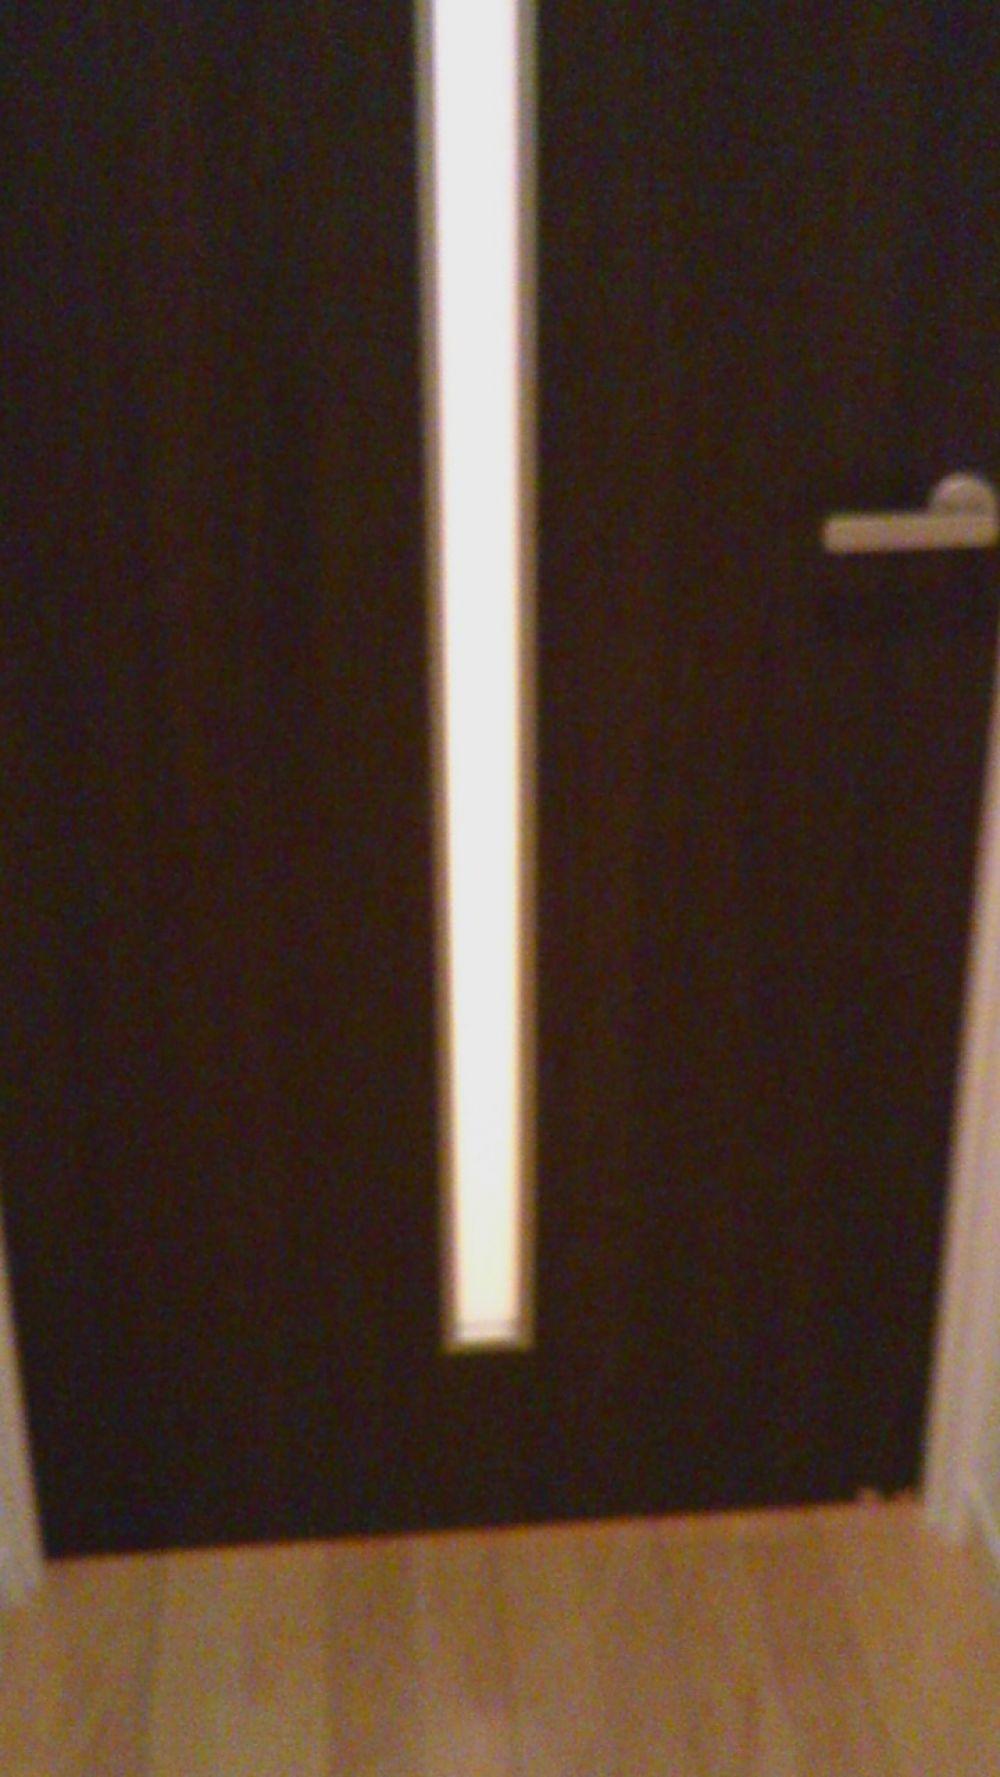 リビングのドア修理と一部壁紙張替え リフォームのことなら家仲間コム